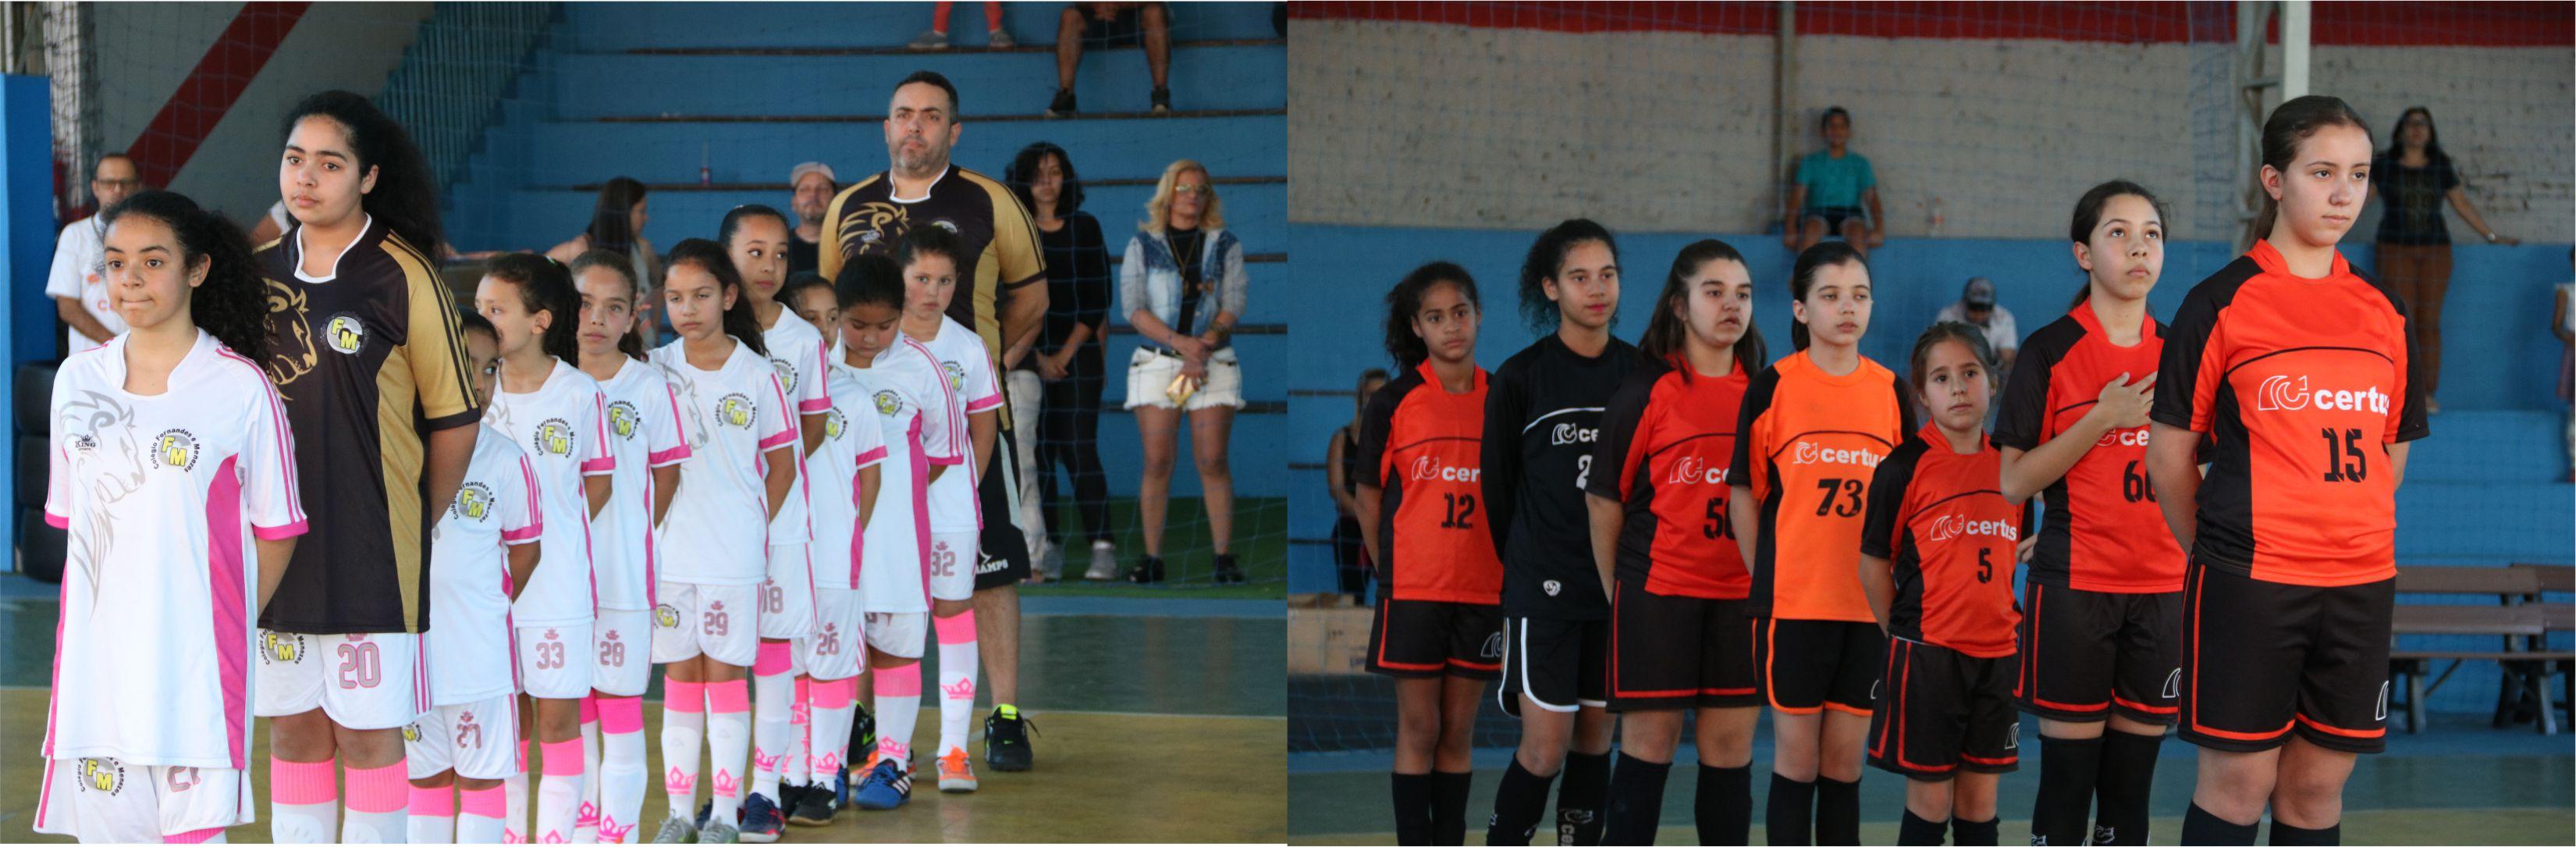 Olimpíada Certus reúne escolas e colégio da região para confraternização dos jogos olímpicos de futsal e baquete masculino e feminino